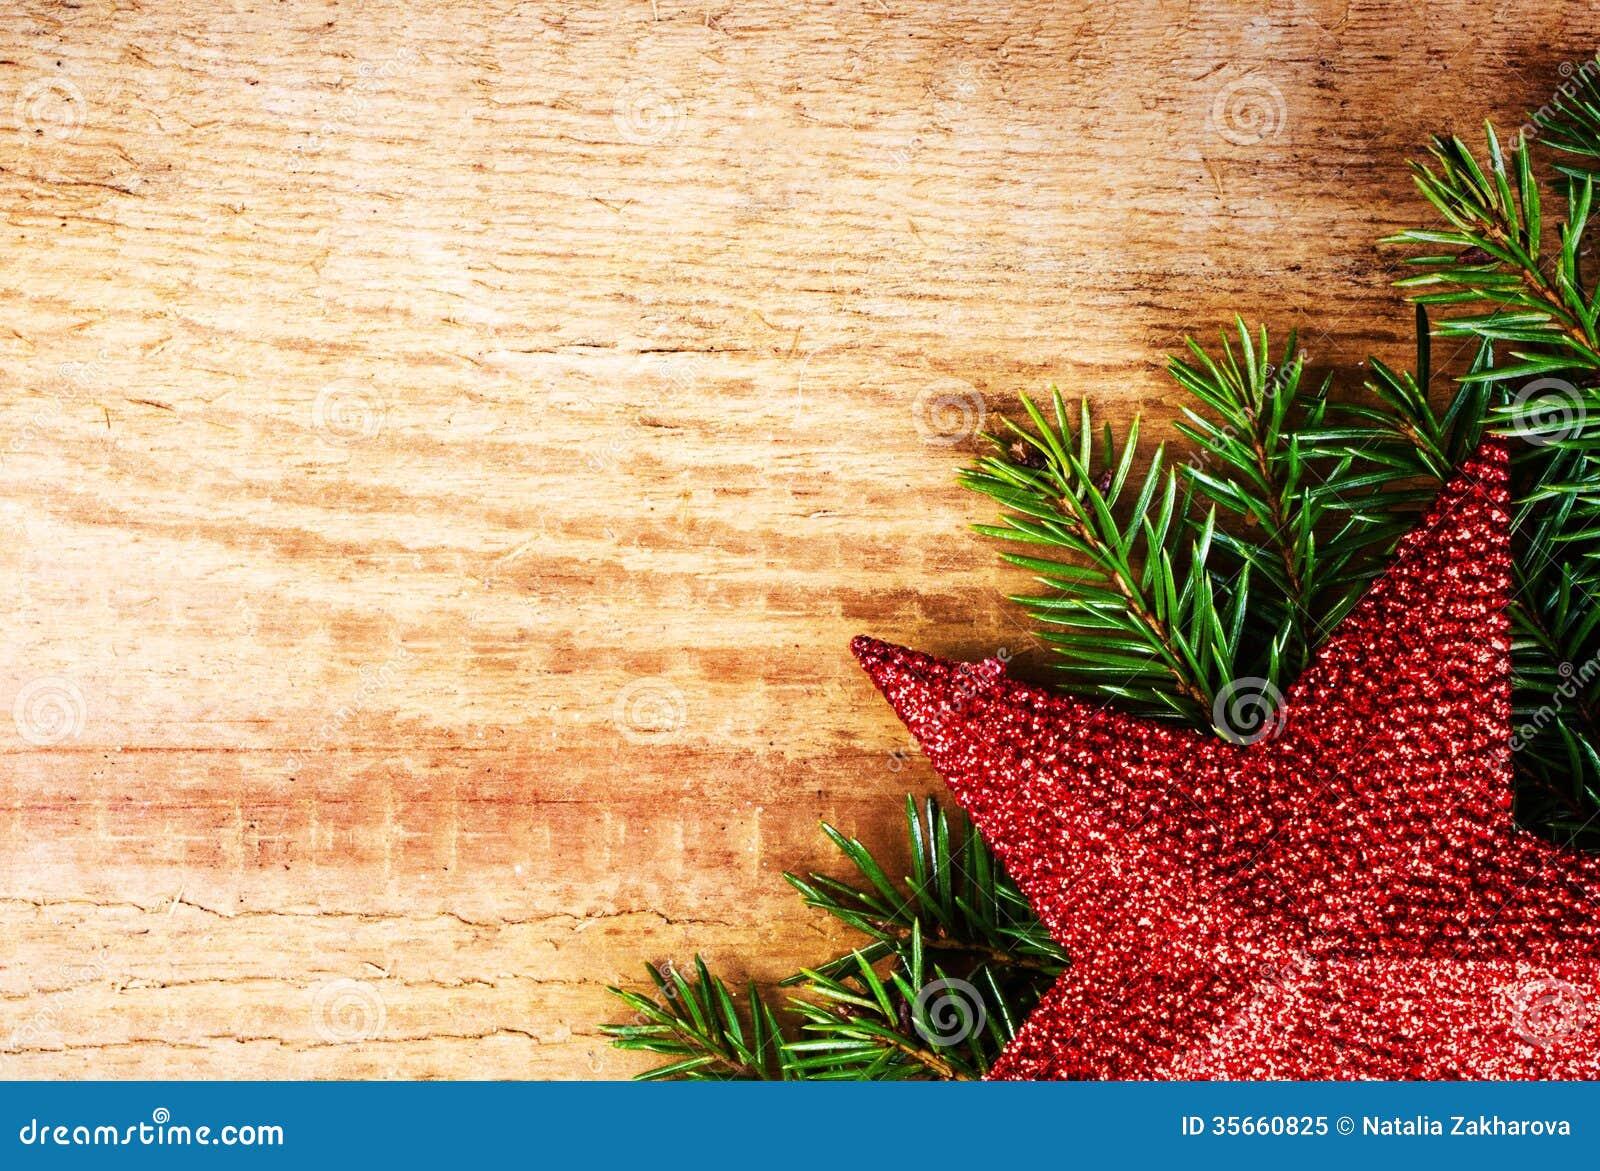 Weihnachtstannenbaum mit Dekoration auf hölzernem Brett. Weinlese fram